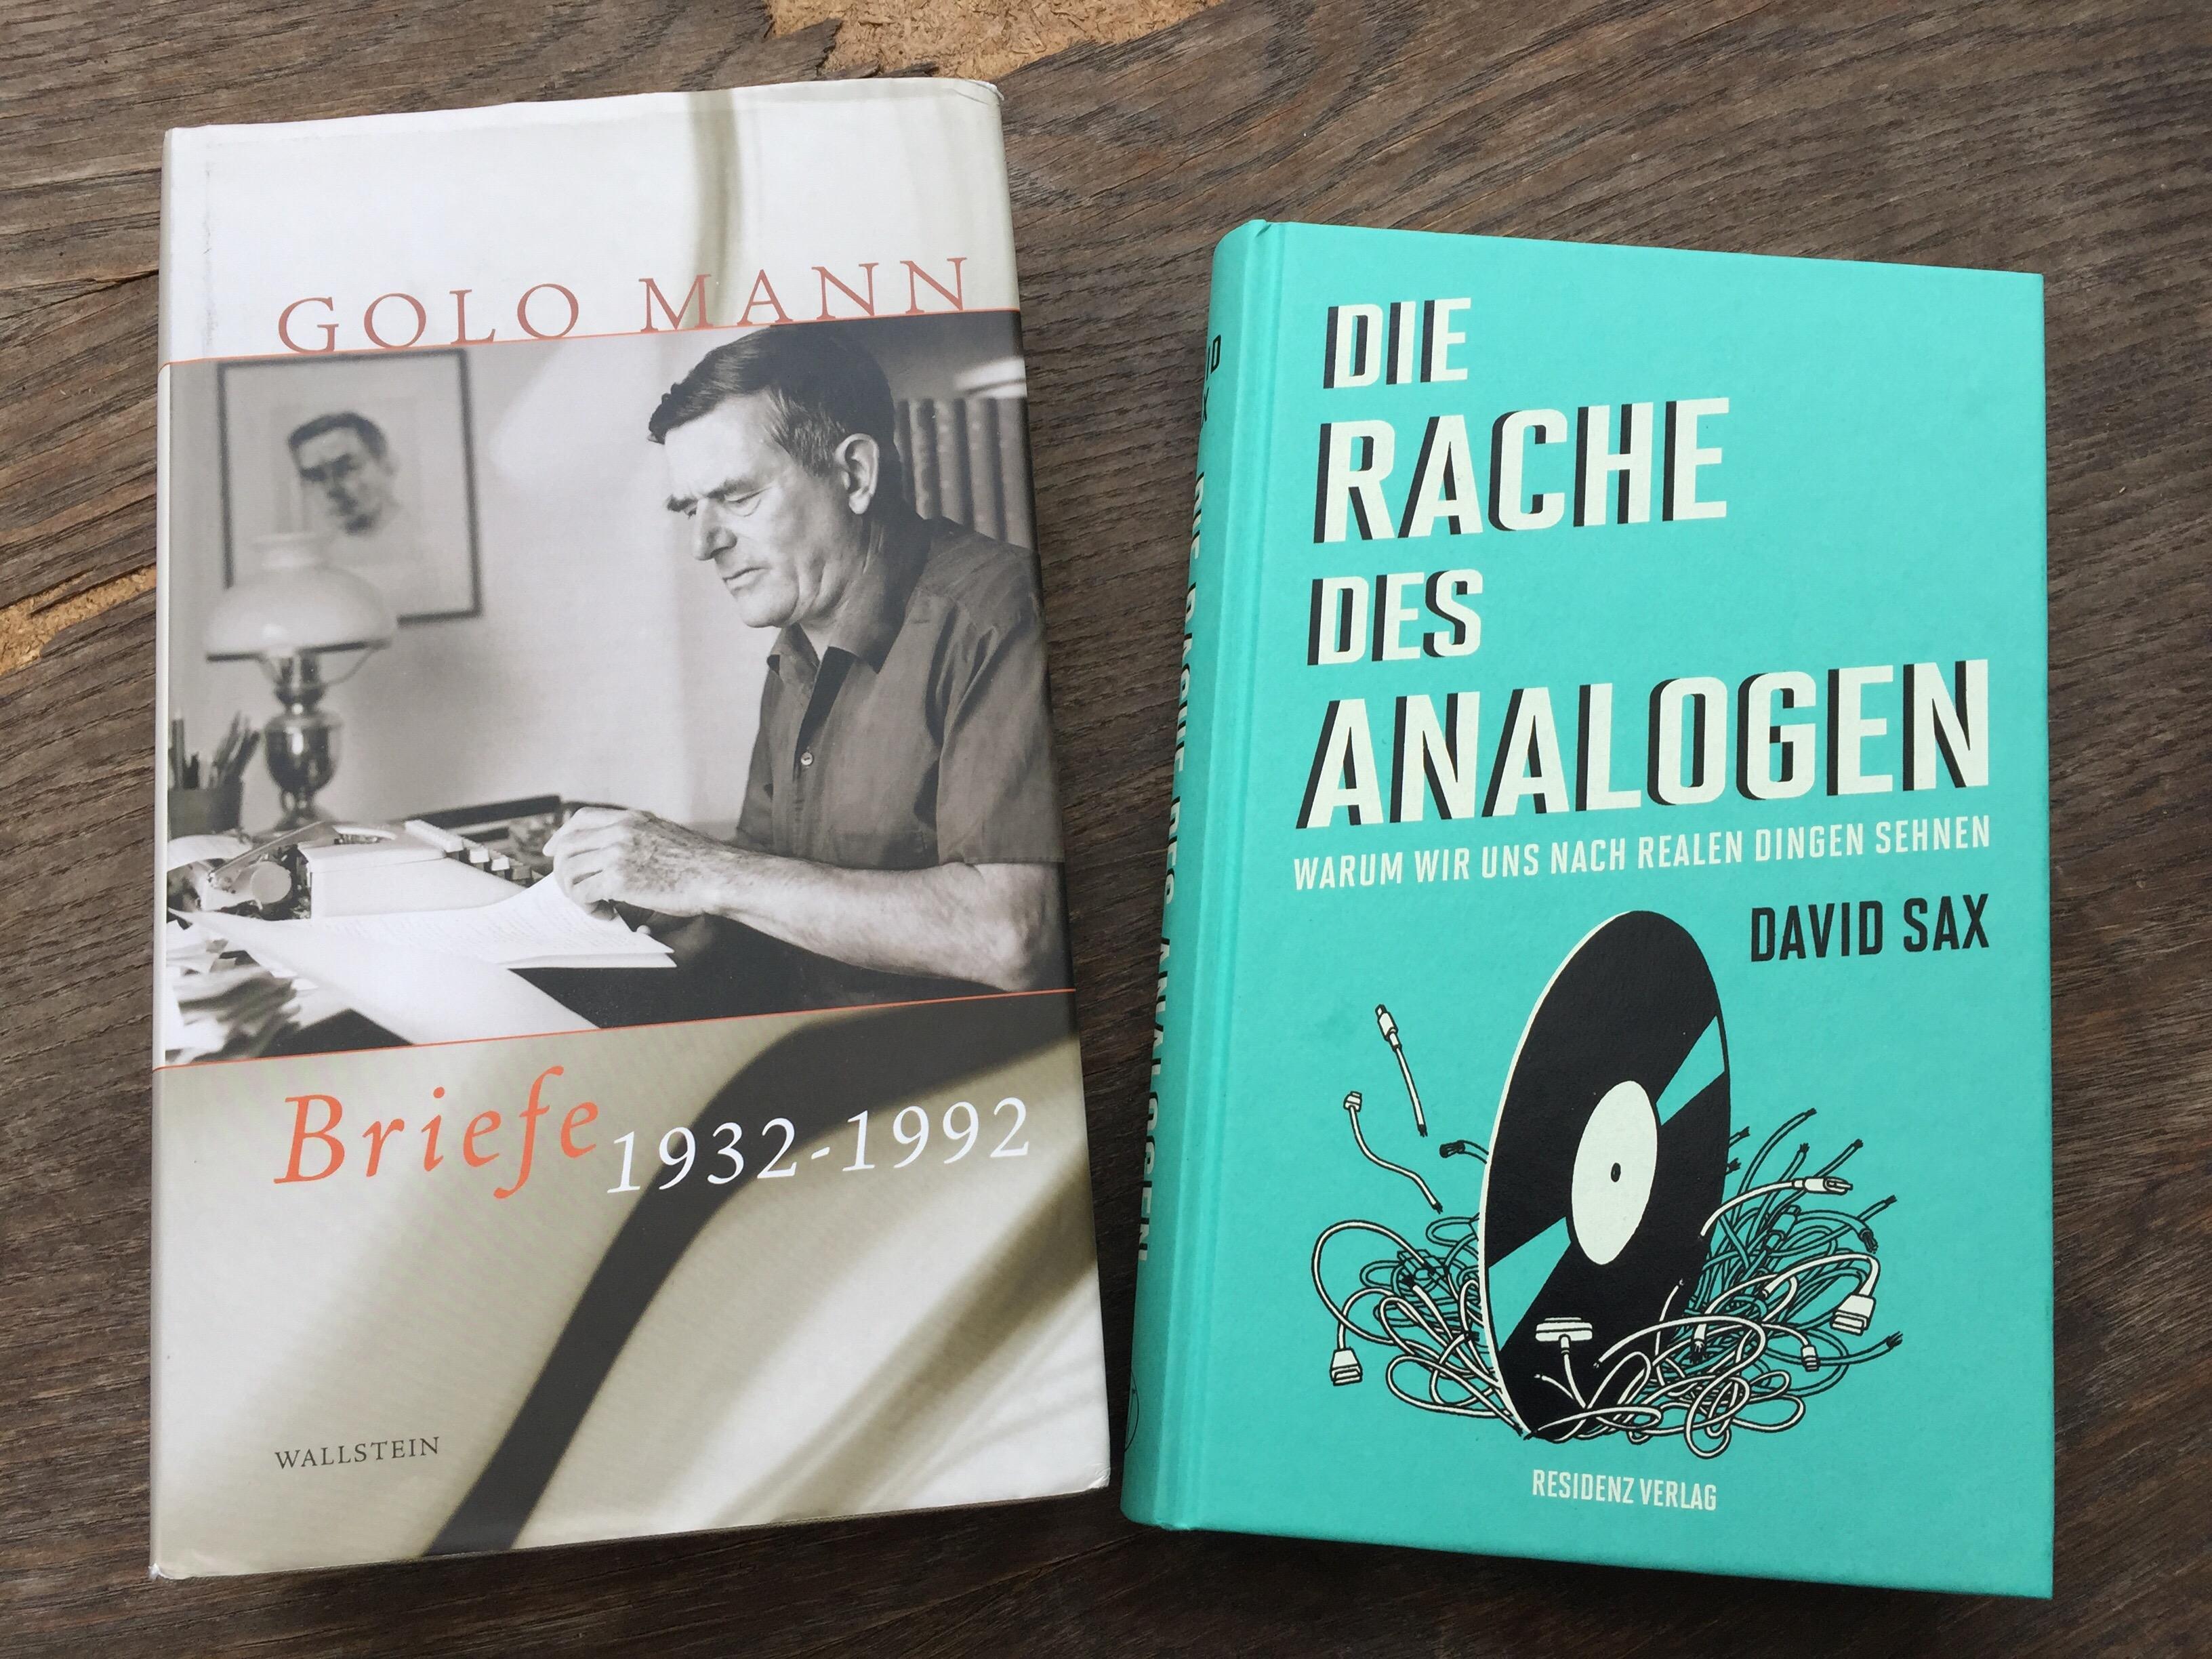 Zwei Bücher liegen auf einem Holztisch